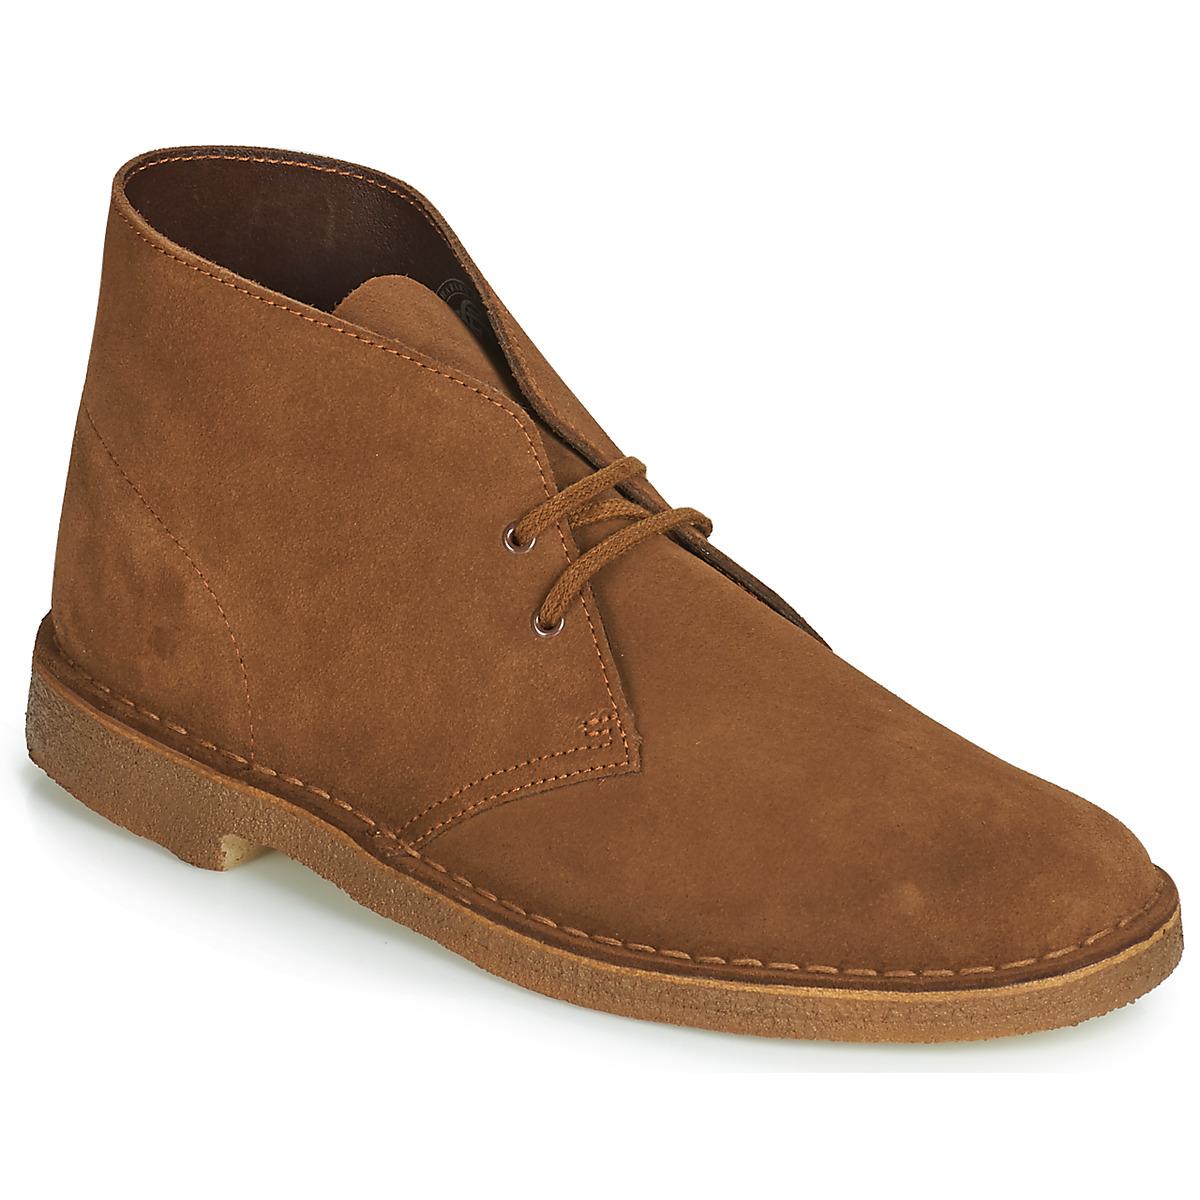 Støvler Clarks  Desert BootUK